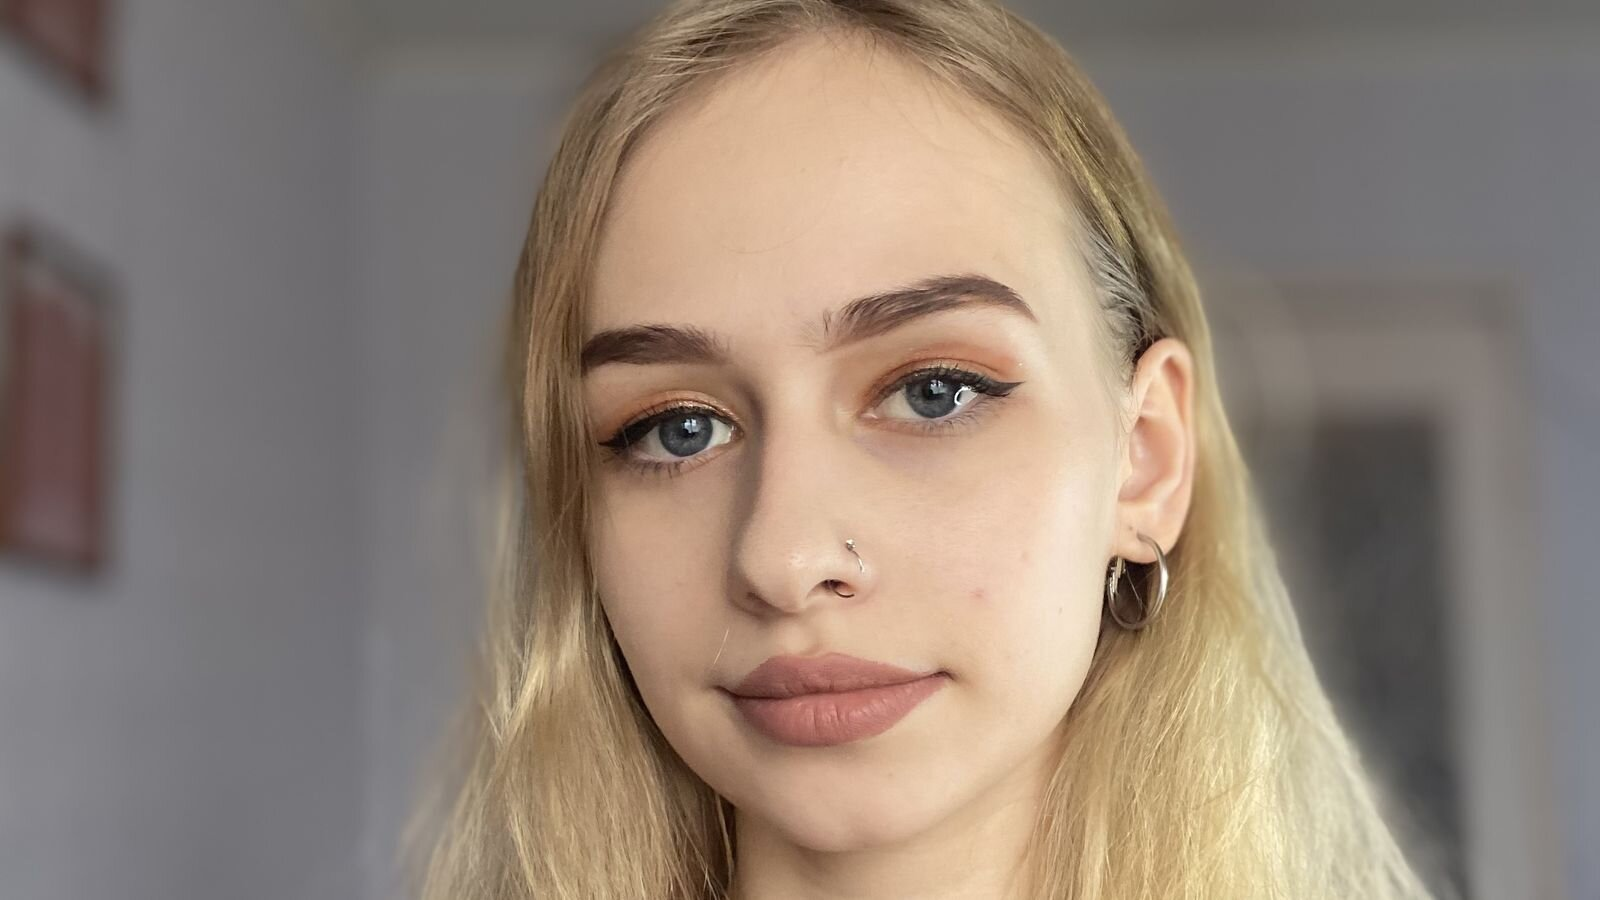 KaterinaMilser